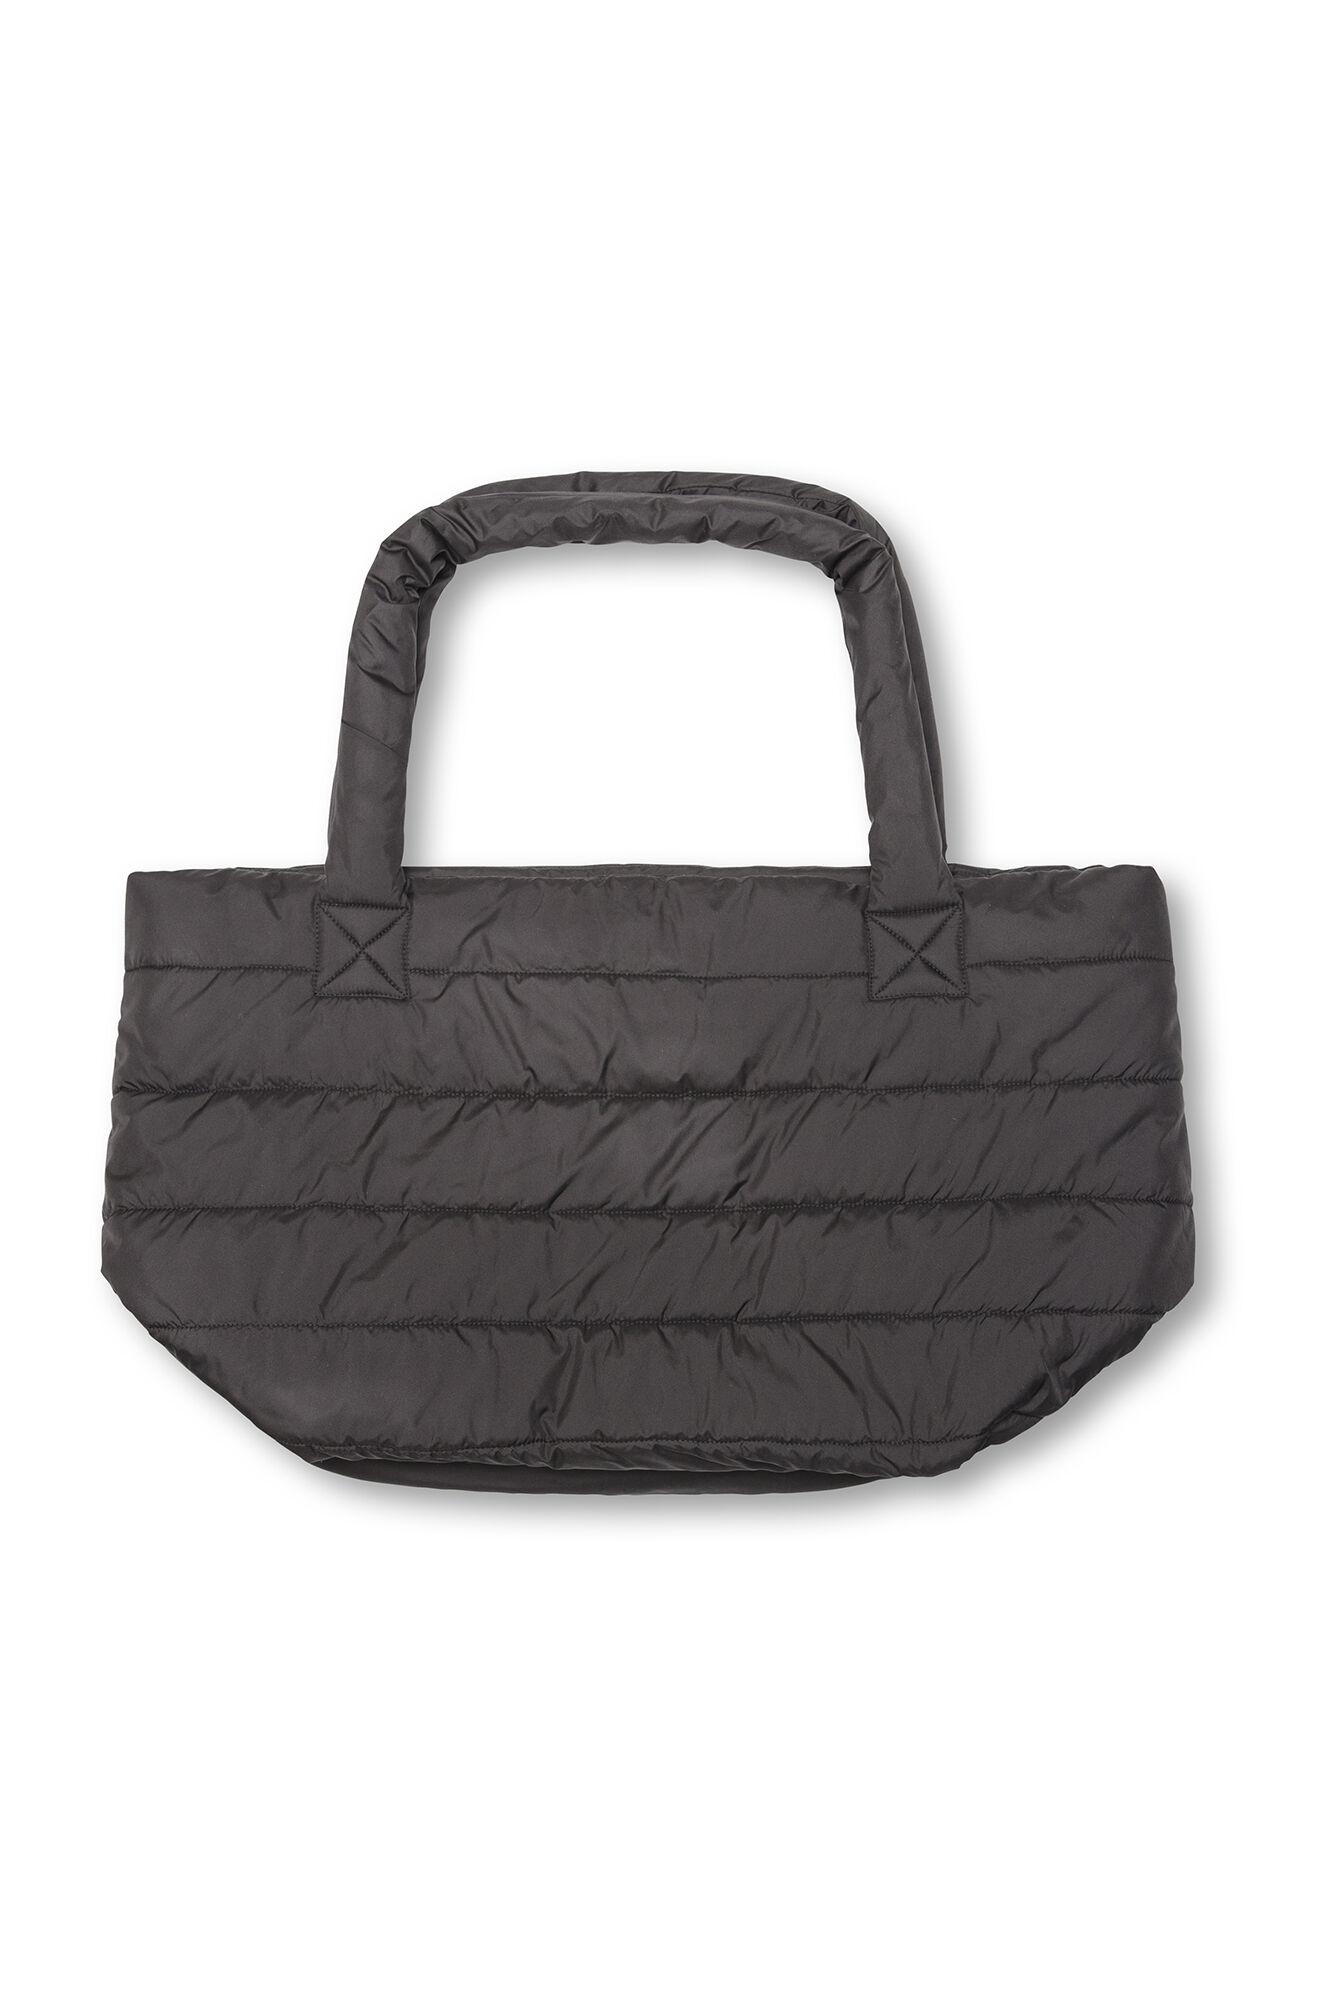 ENFIR BAG 6775, PHANTOM